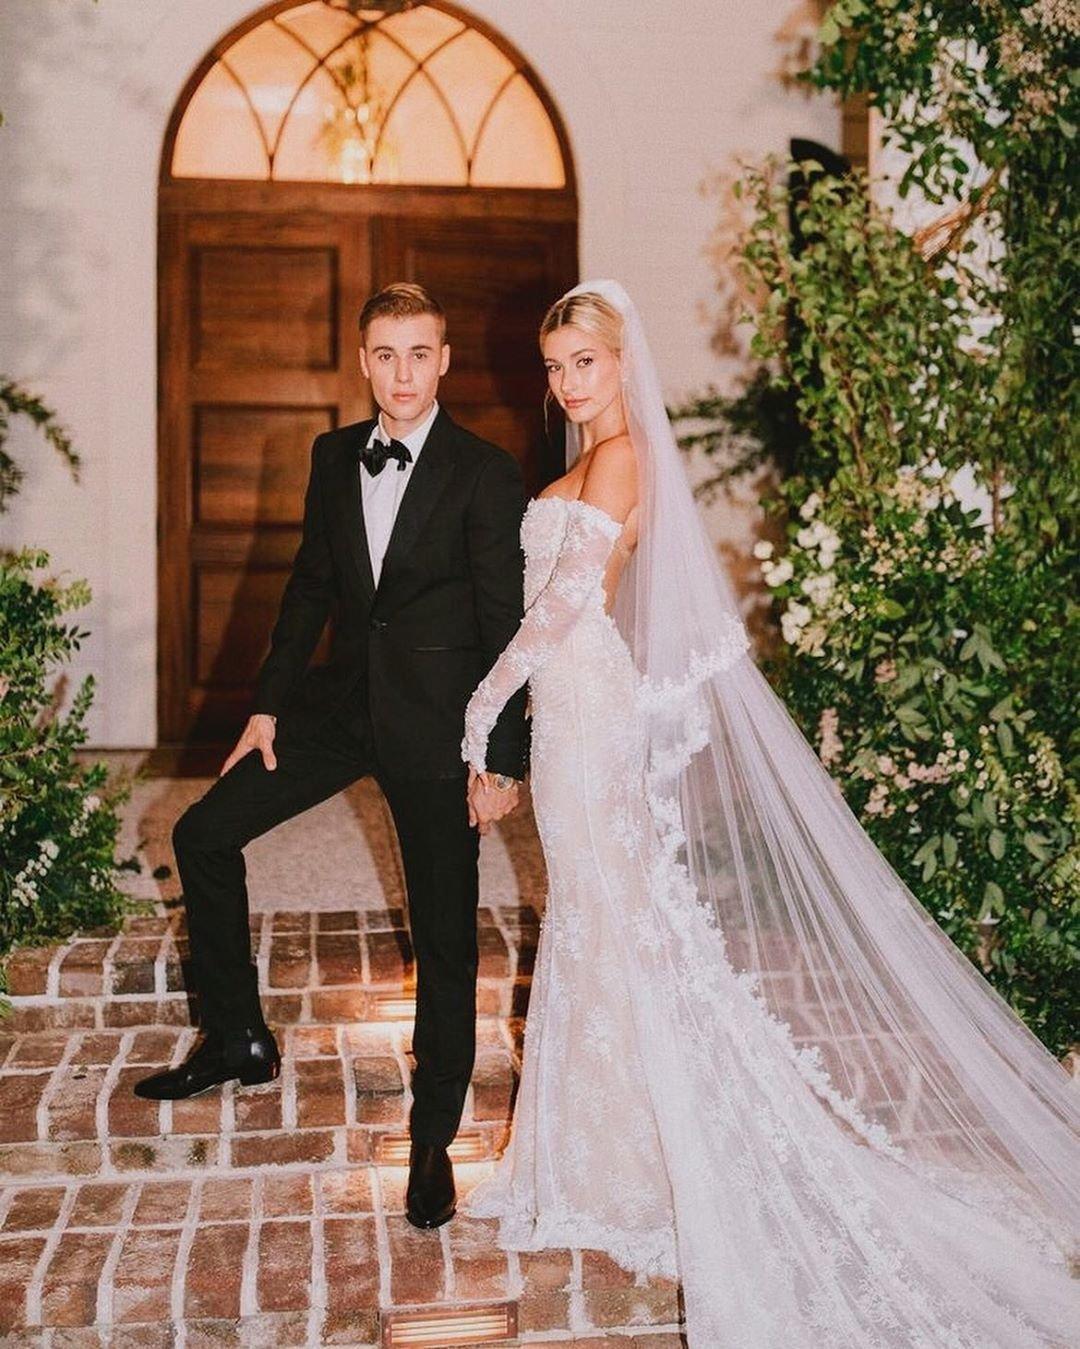 Джастин Бибер трогательно поздравил жену с первой годовщиной свадьбы